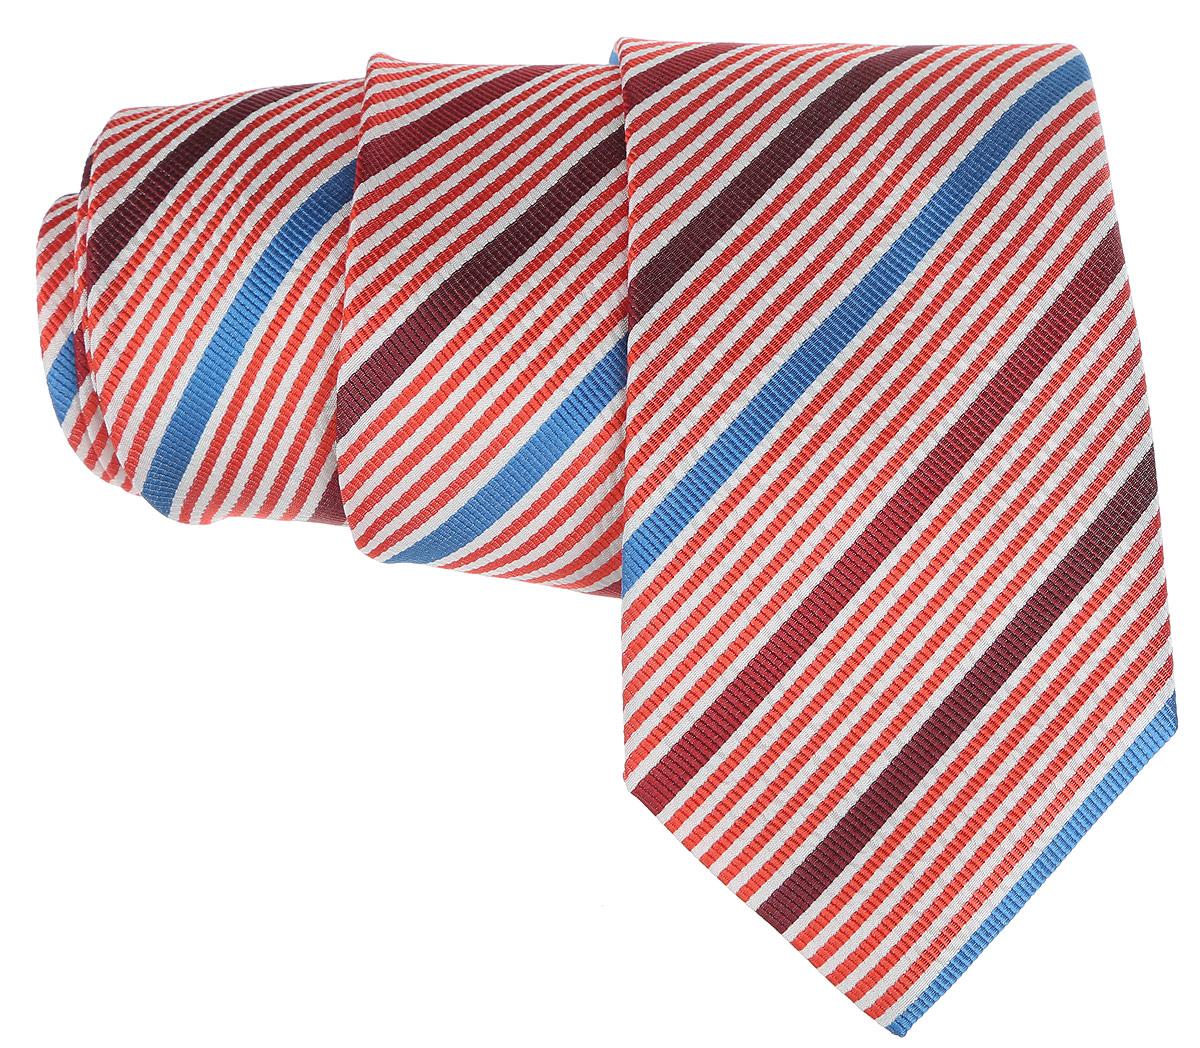 Галстук. 12.01577412.015774Стильный галстук BTC станет отличным завершающим штрихом вашего образа. Этот модный аксессуар порадует вас высоким качеством исполнения и современным дизайном. Изделие полностью выполнено из качественного шелка. Галстук оформлен оригинальным принтом. Такой оригинальный галстук подойдет как к повседневному, так и к официальному наряду, он позволит вам подчеркнуть свою индивидуальность и создать свой неповторимый стиль.